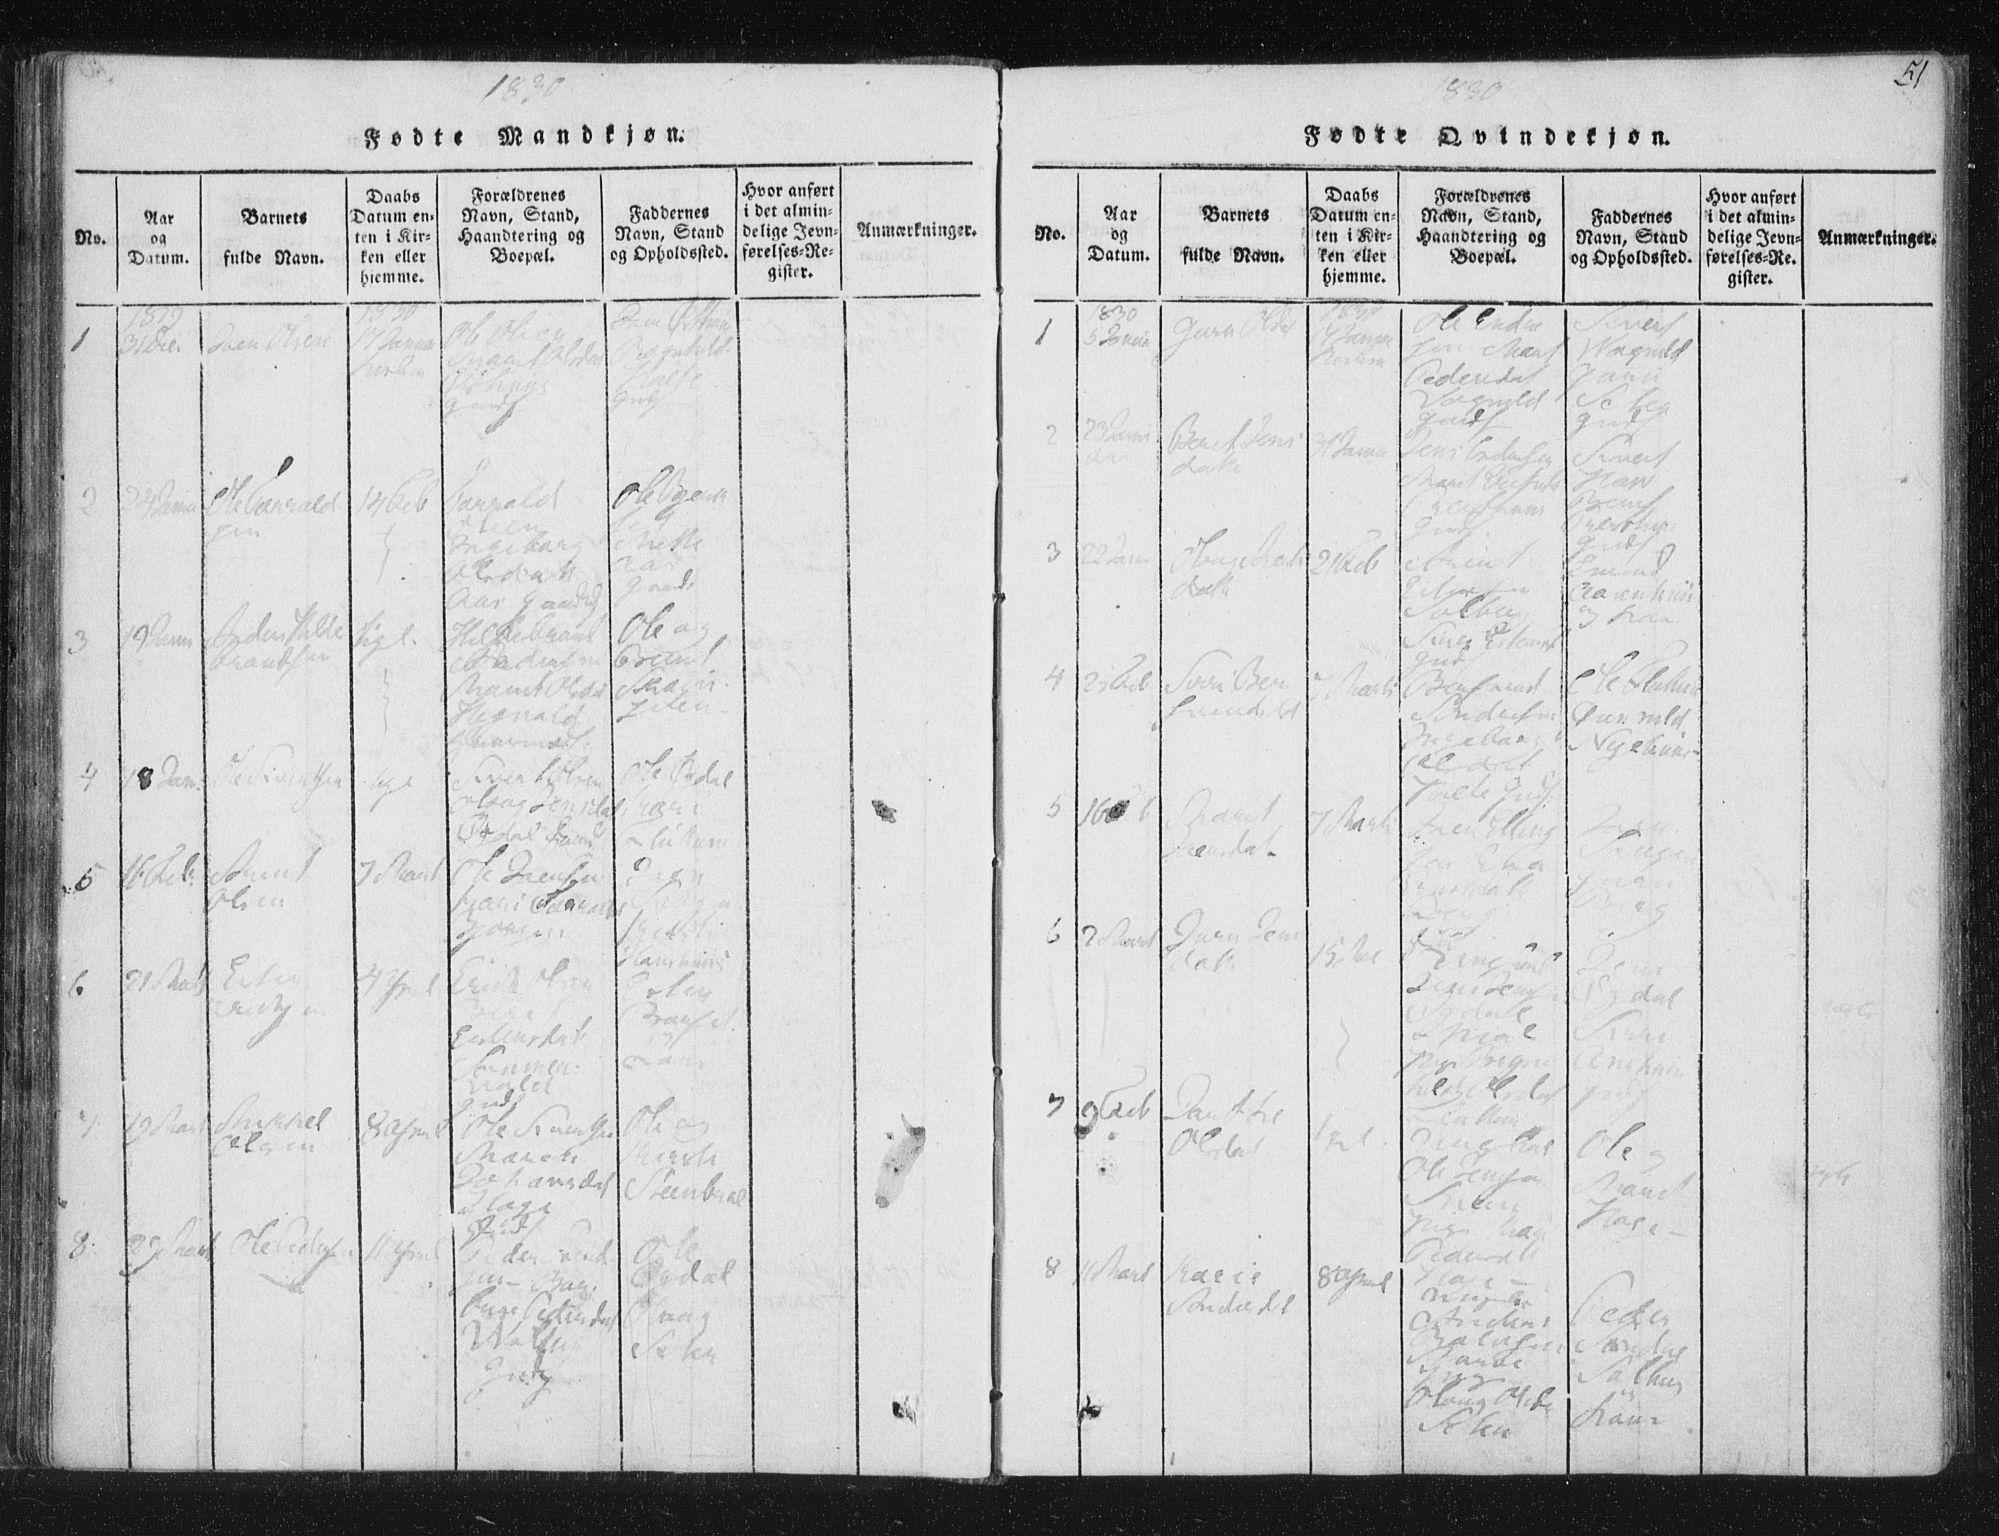 SAT, Ministerialprotokoller, klokkerbøker og fødselsregistre - Sør-Trøndelag, 689/L1037: Ministerialbok nr. 689A02, 1816-1842, s. 51